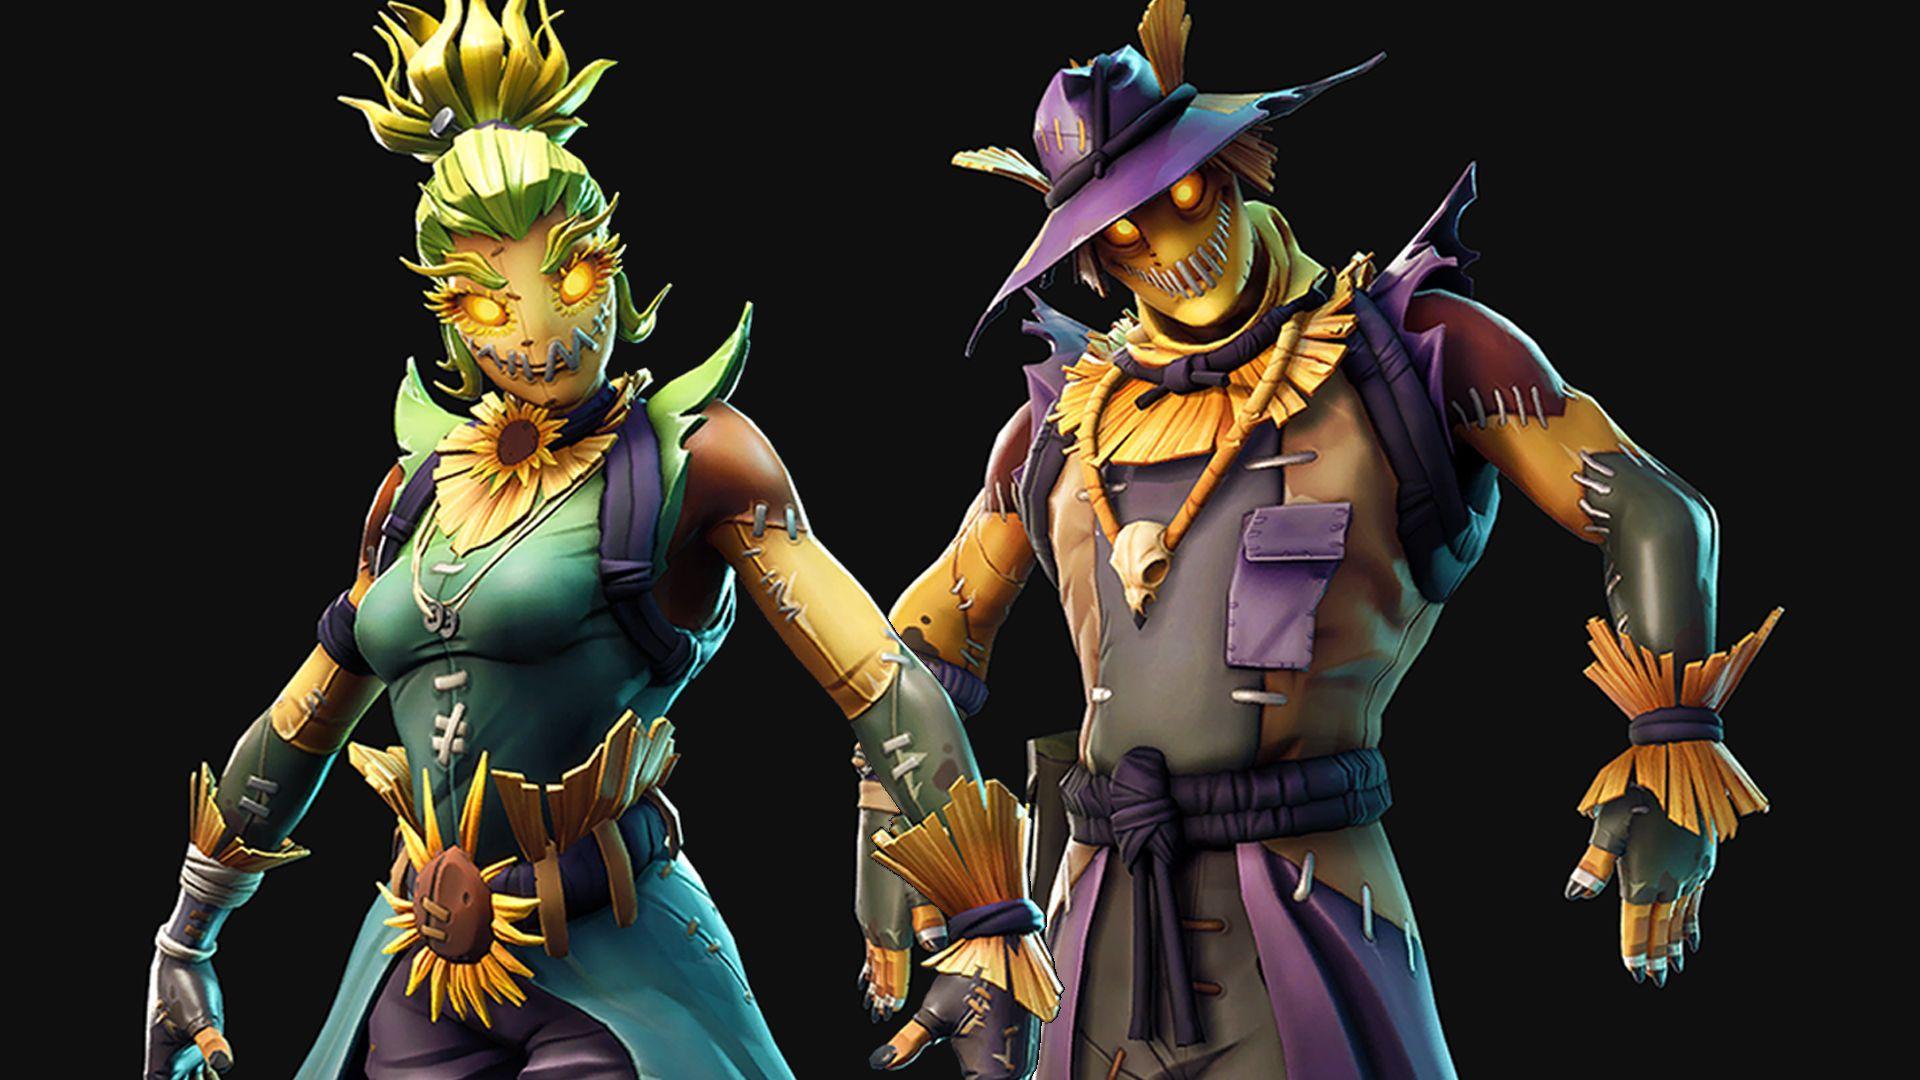 Halloween Fortnite Characters.Cool Fortnite Skin Wallpapers Top Free Cool Fortnite Skin